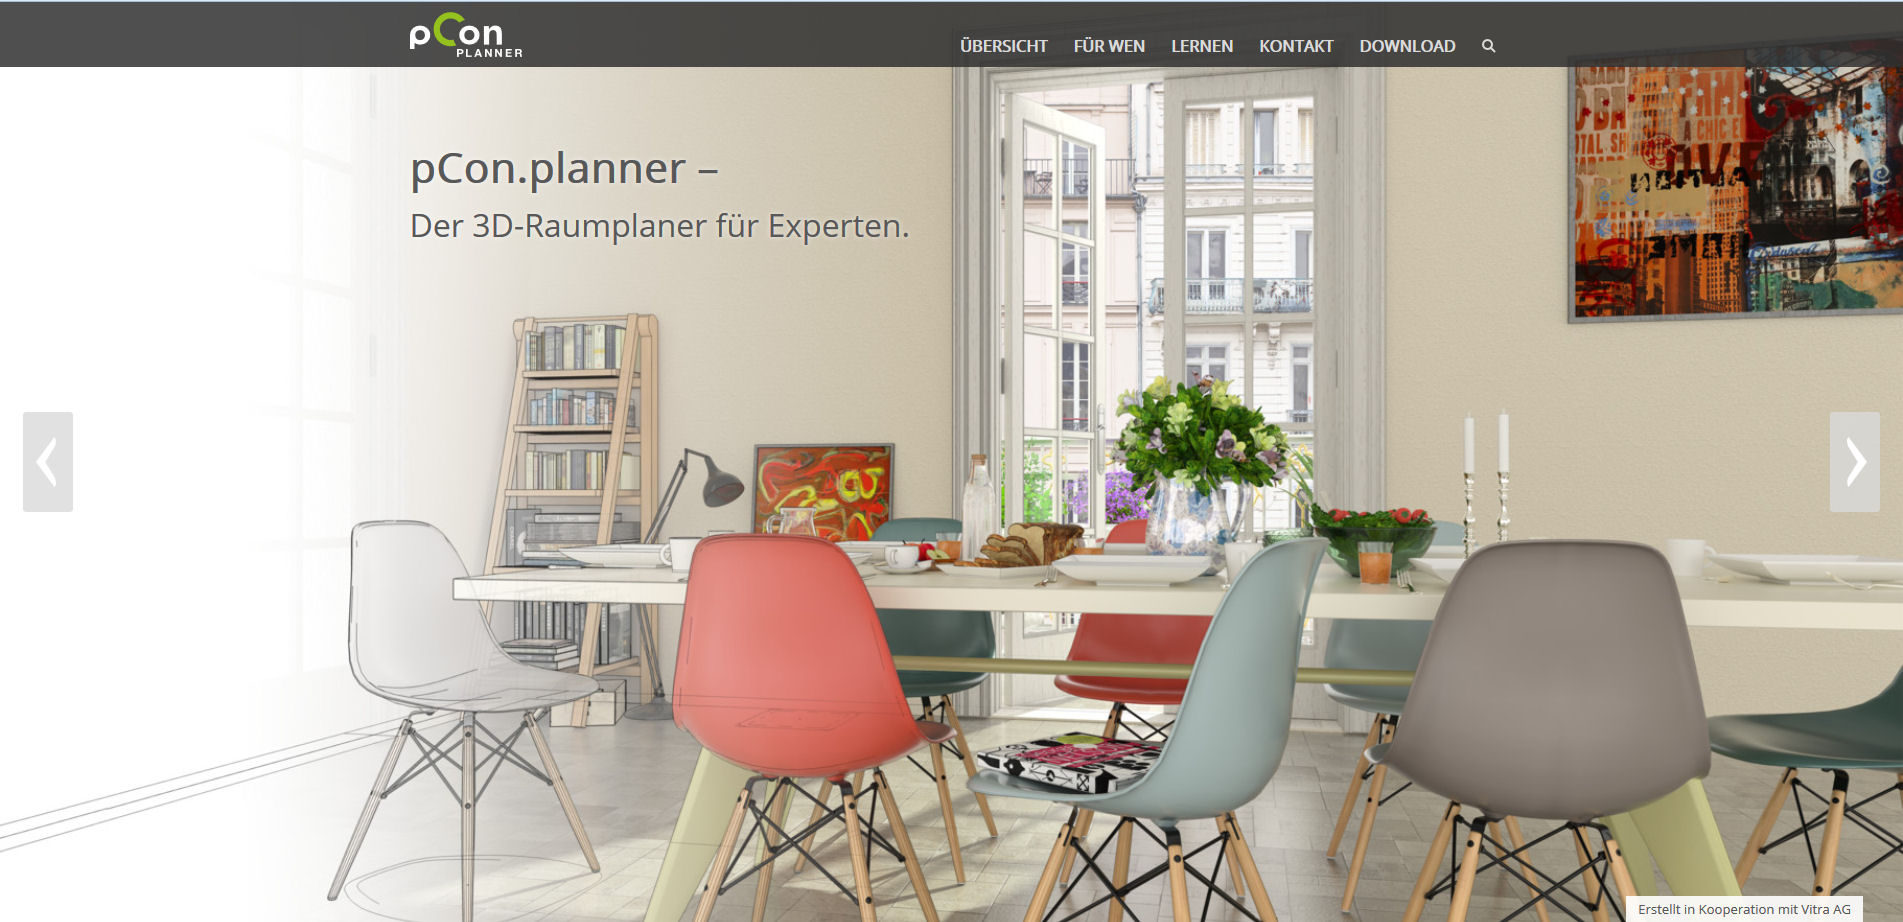 Neue pCon.planner Webseite veröffentlicht